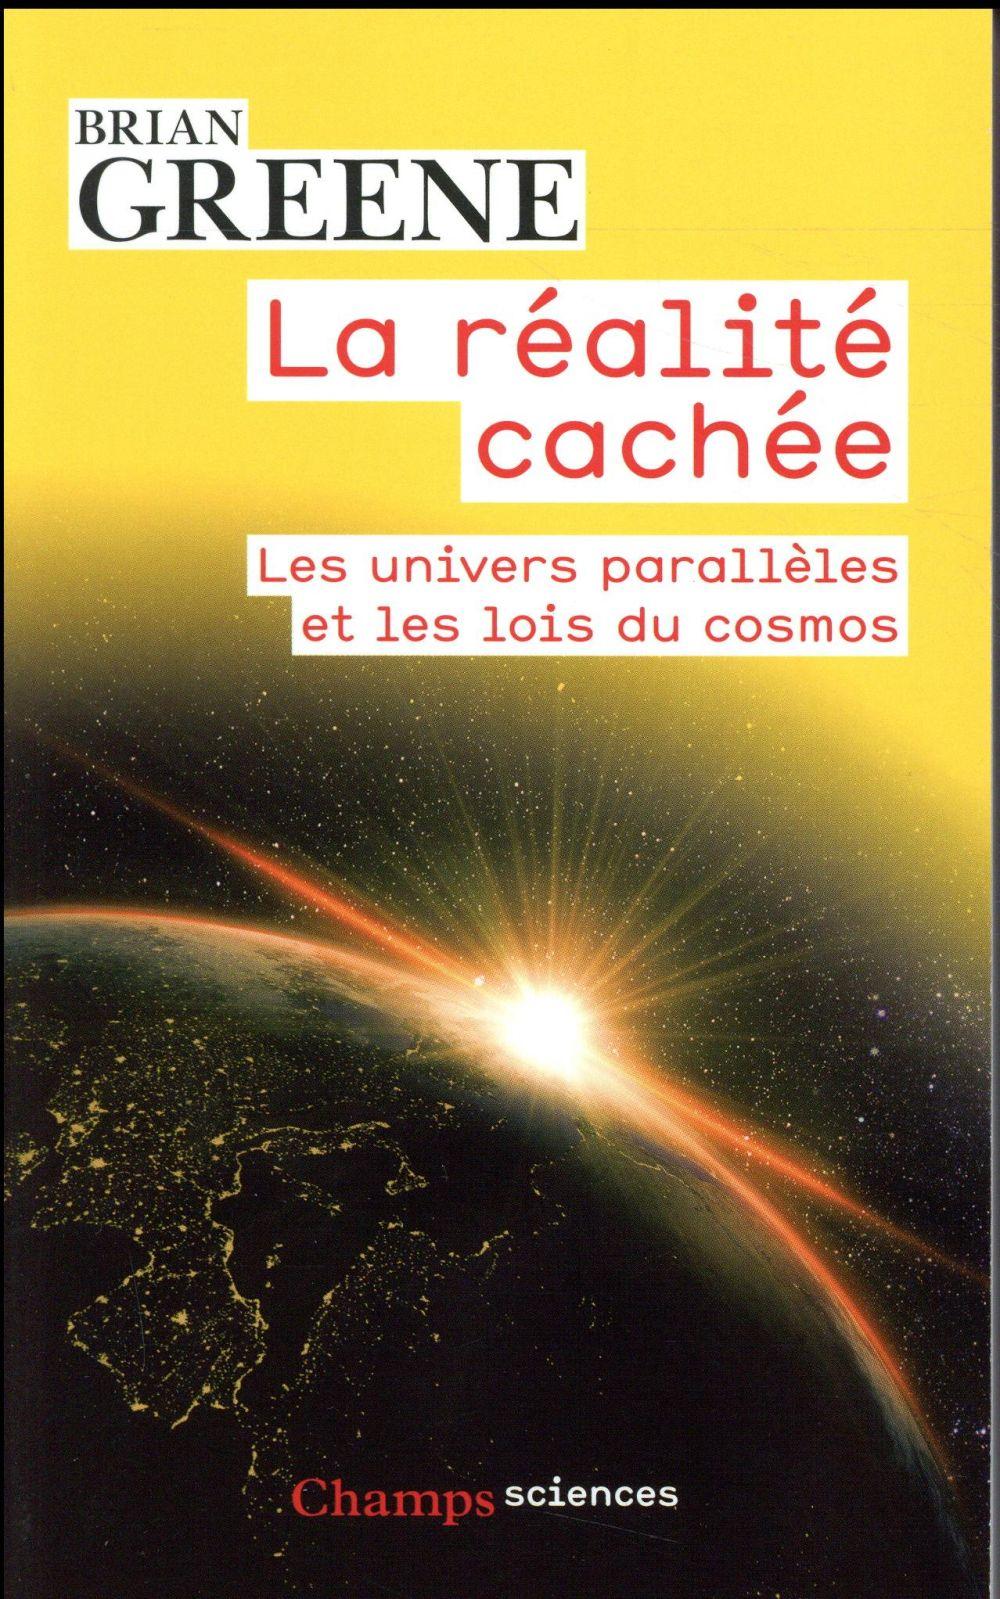 LA REALITE CACHEE